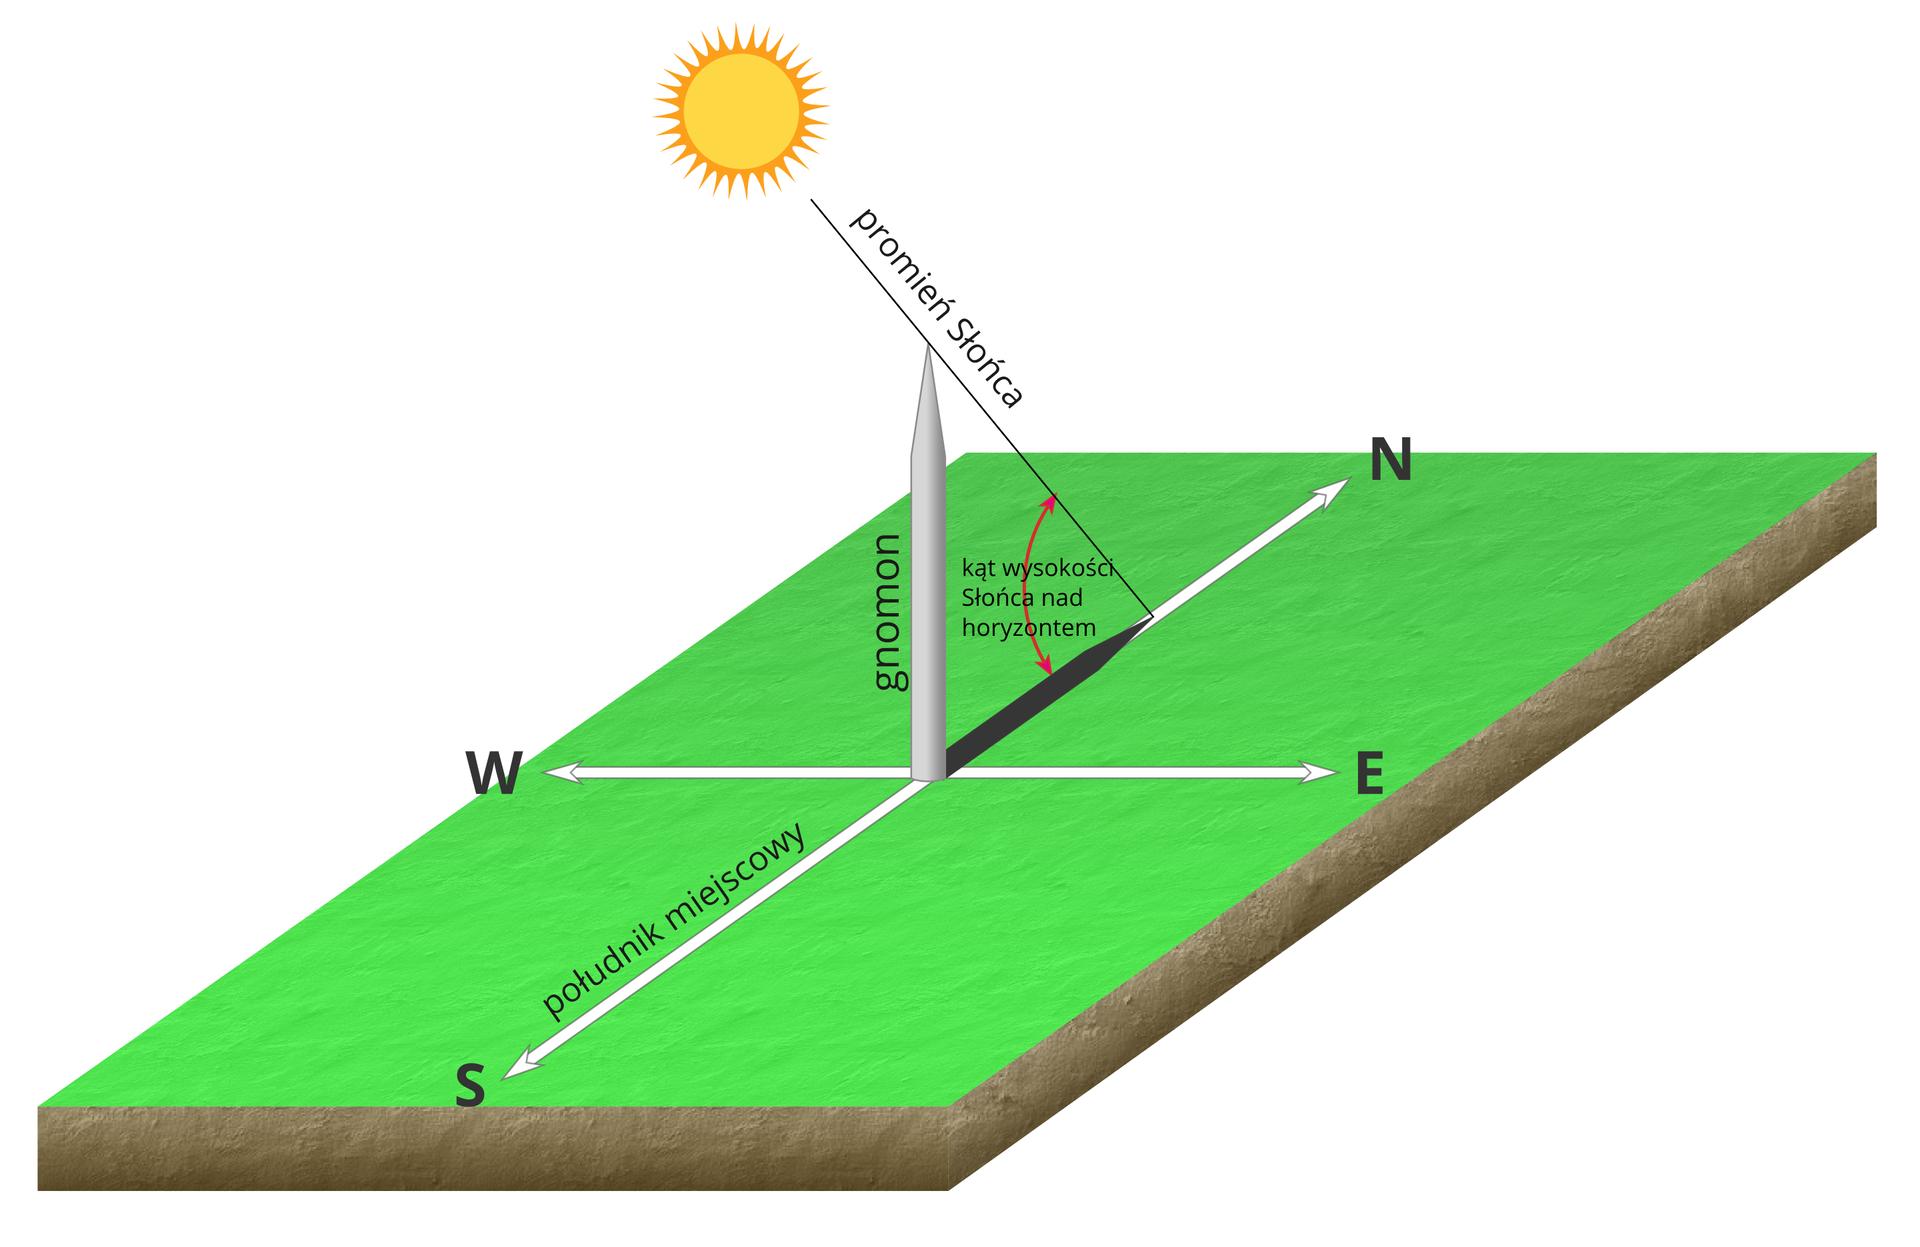 Ilustracja przedstawia fragment podłoża terenu wpostaci cienkiego prostopadłościanu, krótszym bokiem do obserwatora. Powierzchnię przecinają dwie białe linie. Groty na końcach linii odpowiednio wskazują główne kierunki geograficzne. Litera N– północ, S– południe, W– zachód, E– wschód. Wzdłuż linii biegnącej na kierunku północ-południe napis: południk miejscowy. Wmiejscu przecięcia linii znajduje się wbity pionowo słupek. To gnomon. Cień gnomona pokrywa się zpionową linią biegnącą na północ. Powyżej prostopadłościanu żółte Słońce. Od Słońca przez górny koniec gnomona do końca cienia gnomona biegnie linia. To promień Słońca. Kąt pomiędzy cieniem alinią promienia Słońca to kąt wysokości Słońca nad horyzontem.